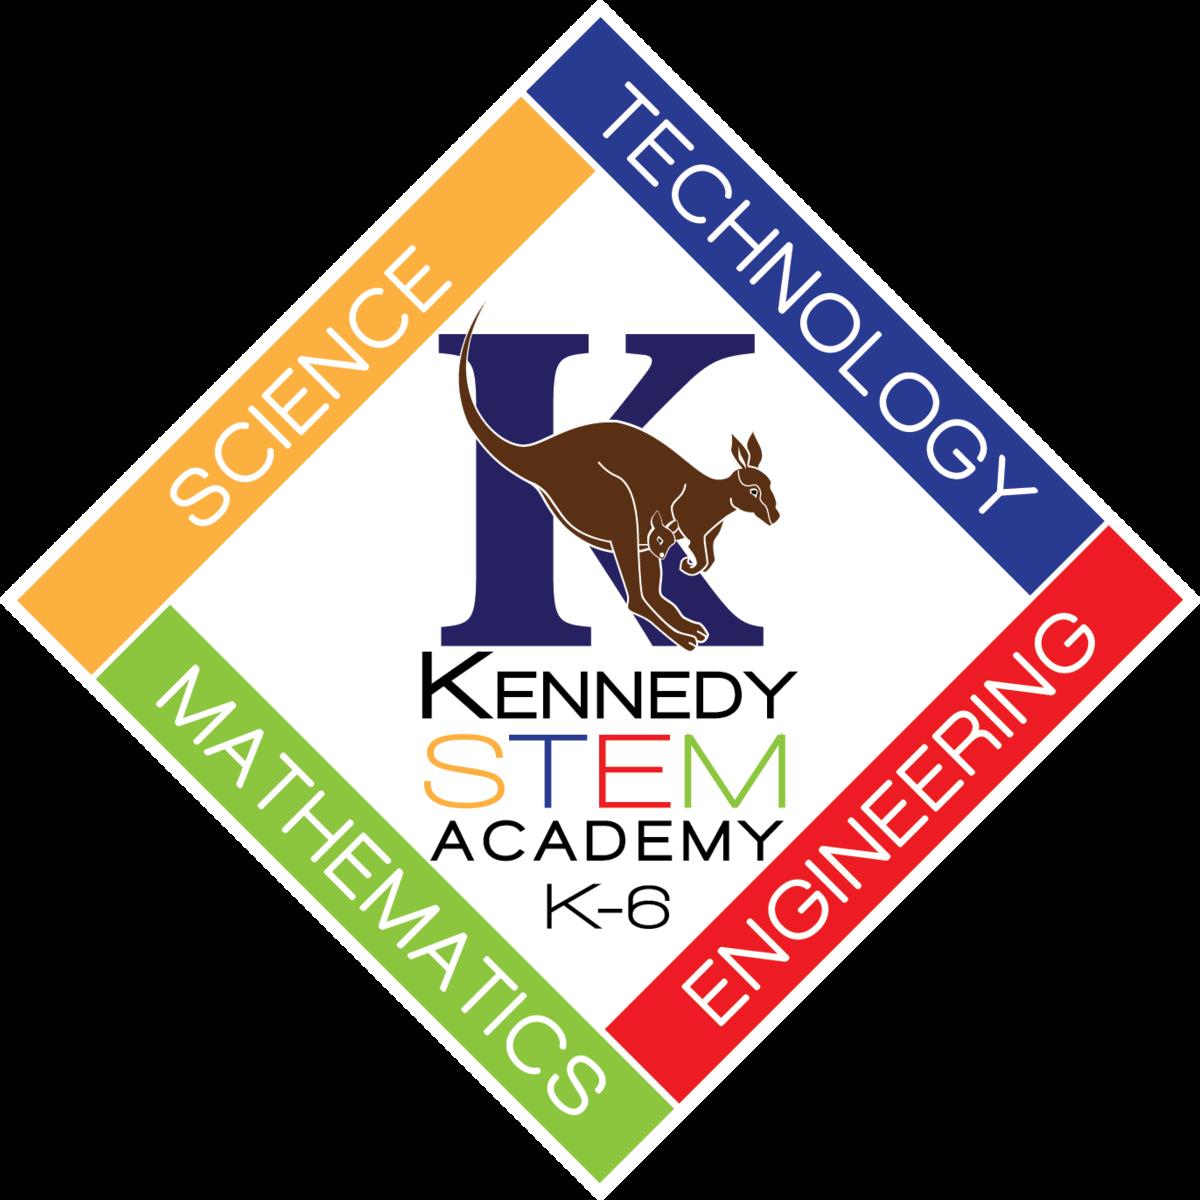 Kennedy Es logo